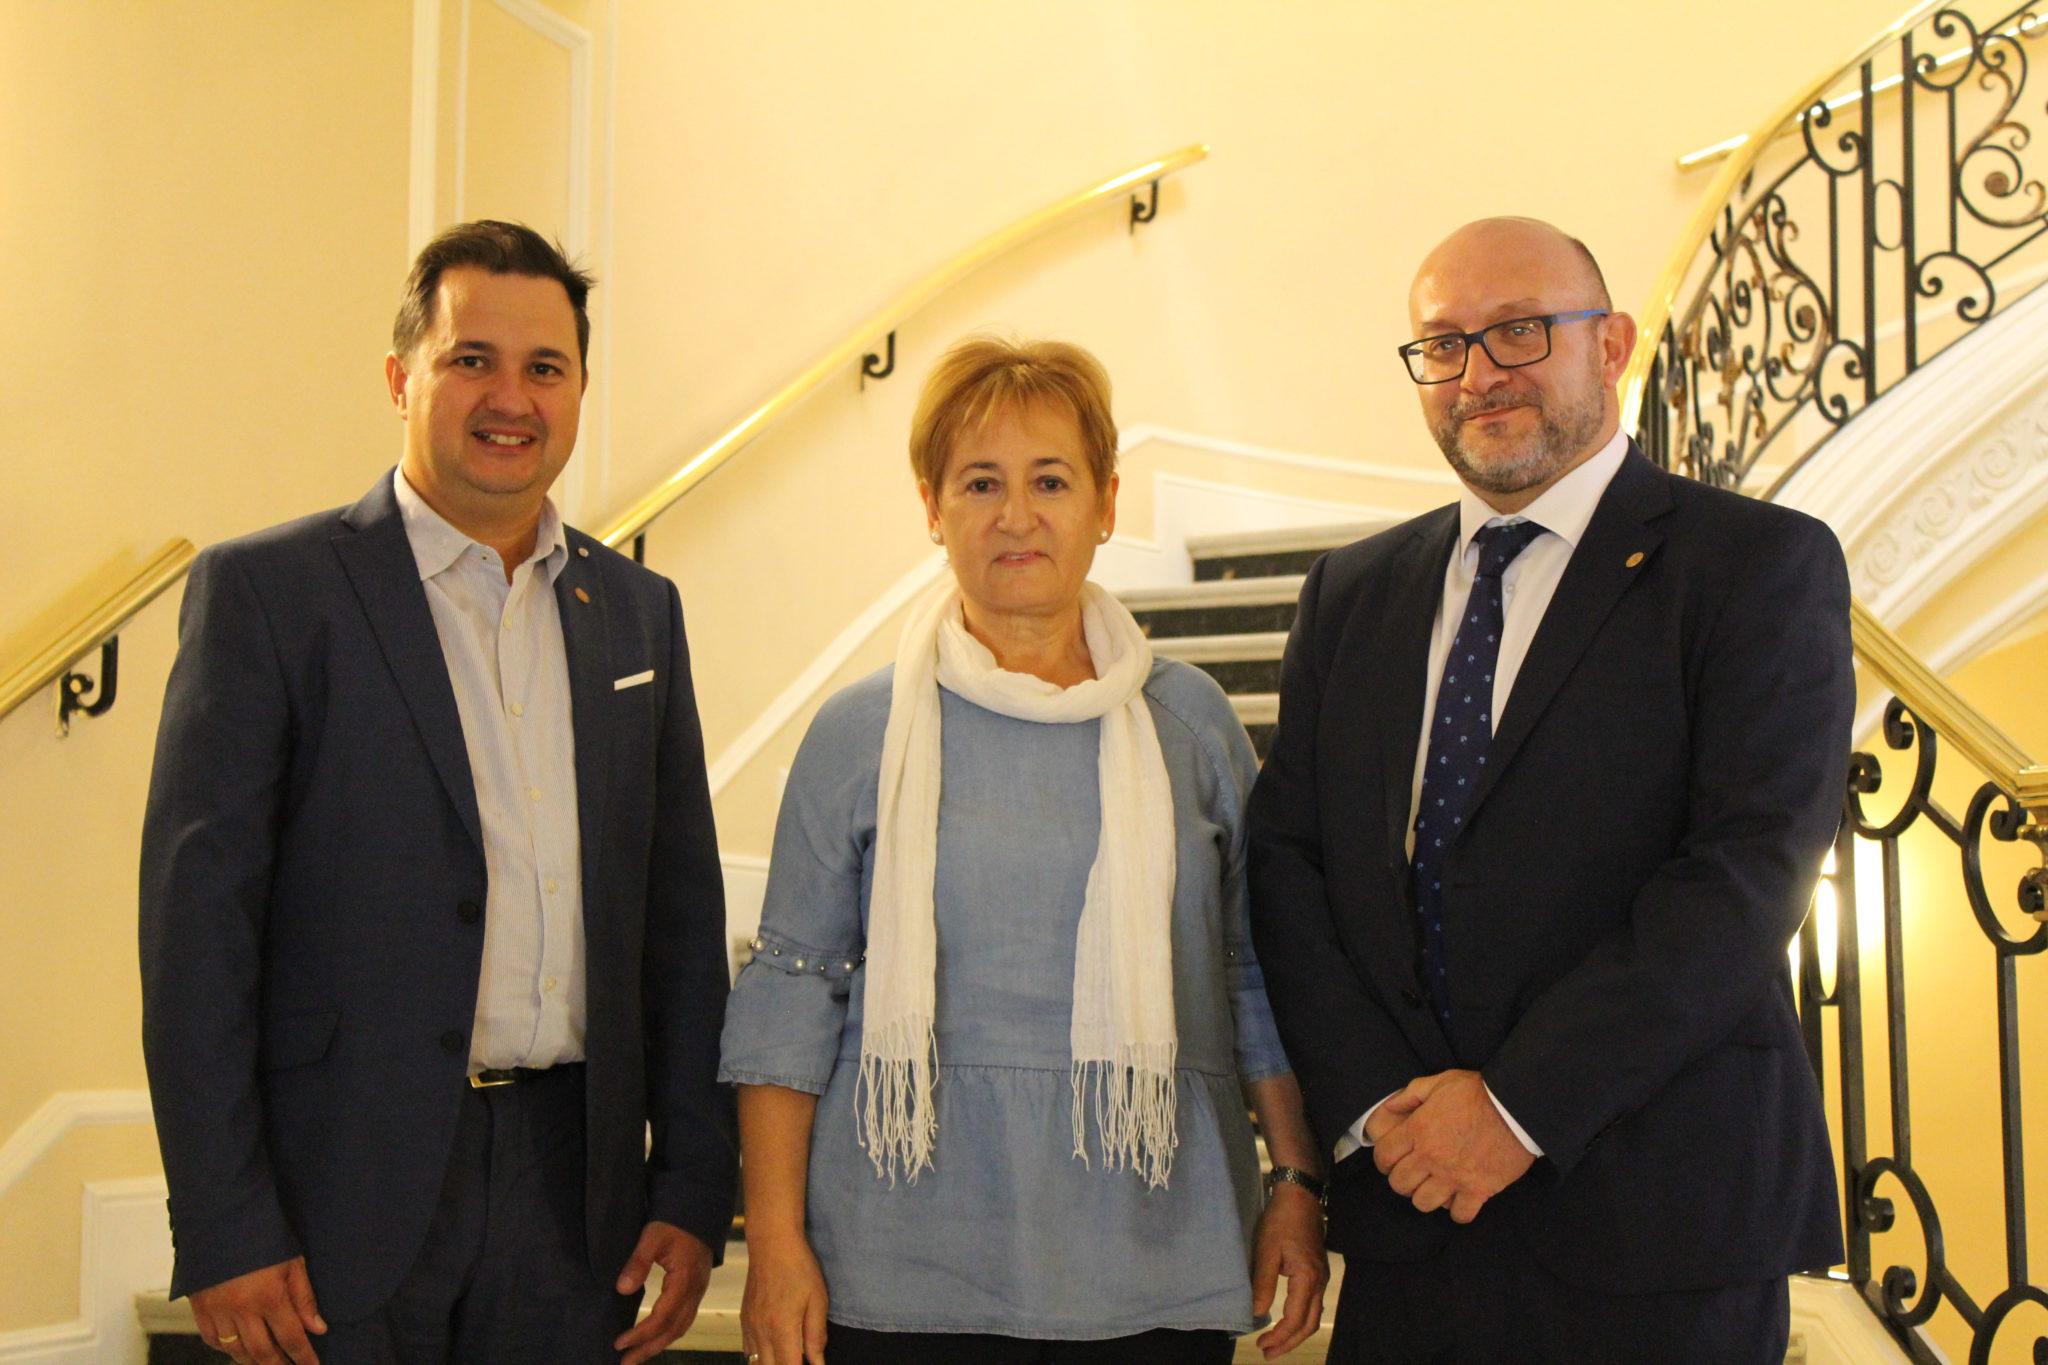 SEMG Navarra homenajea a la Dra. Uhalte durante la celebración de su tercer encuentro autonómico.